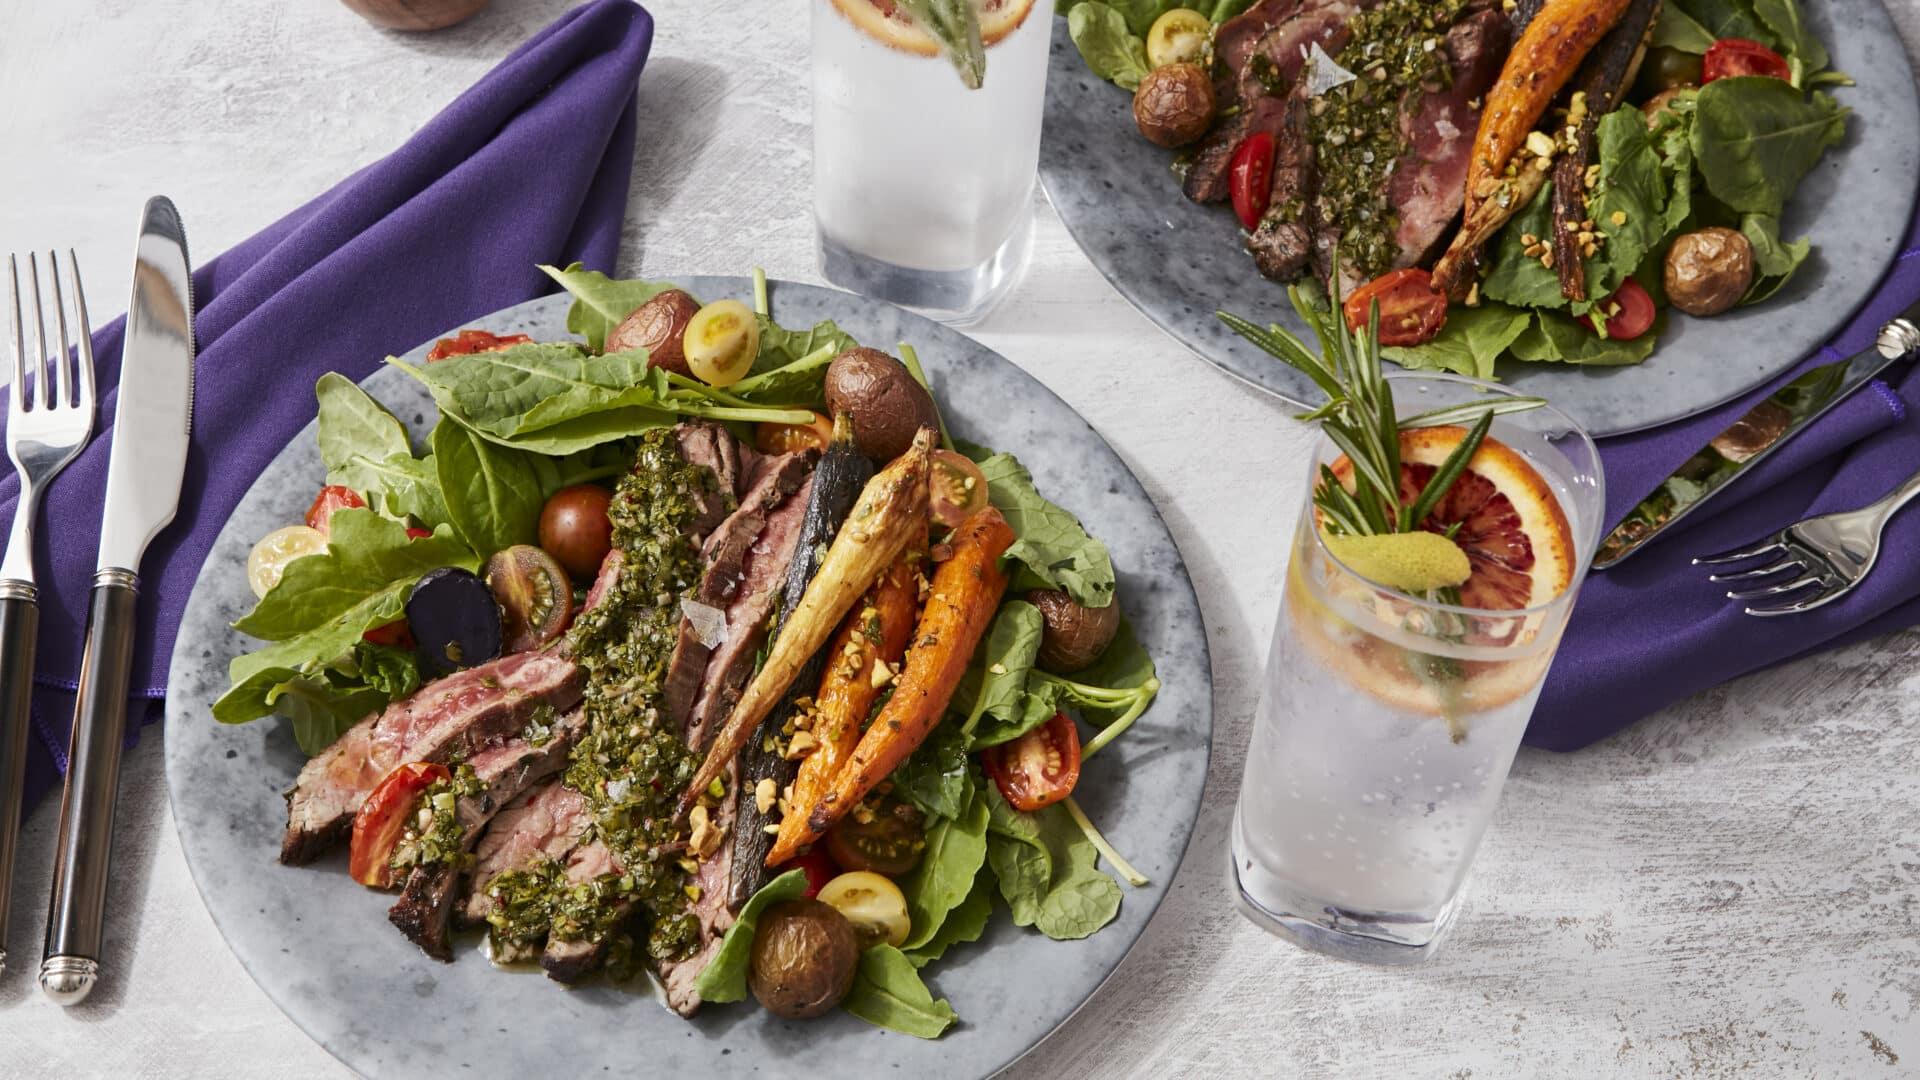 Lunch Main, Beef Tenderloin Roast Vegetables